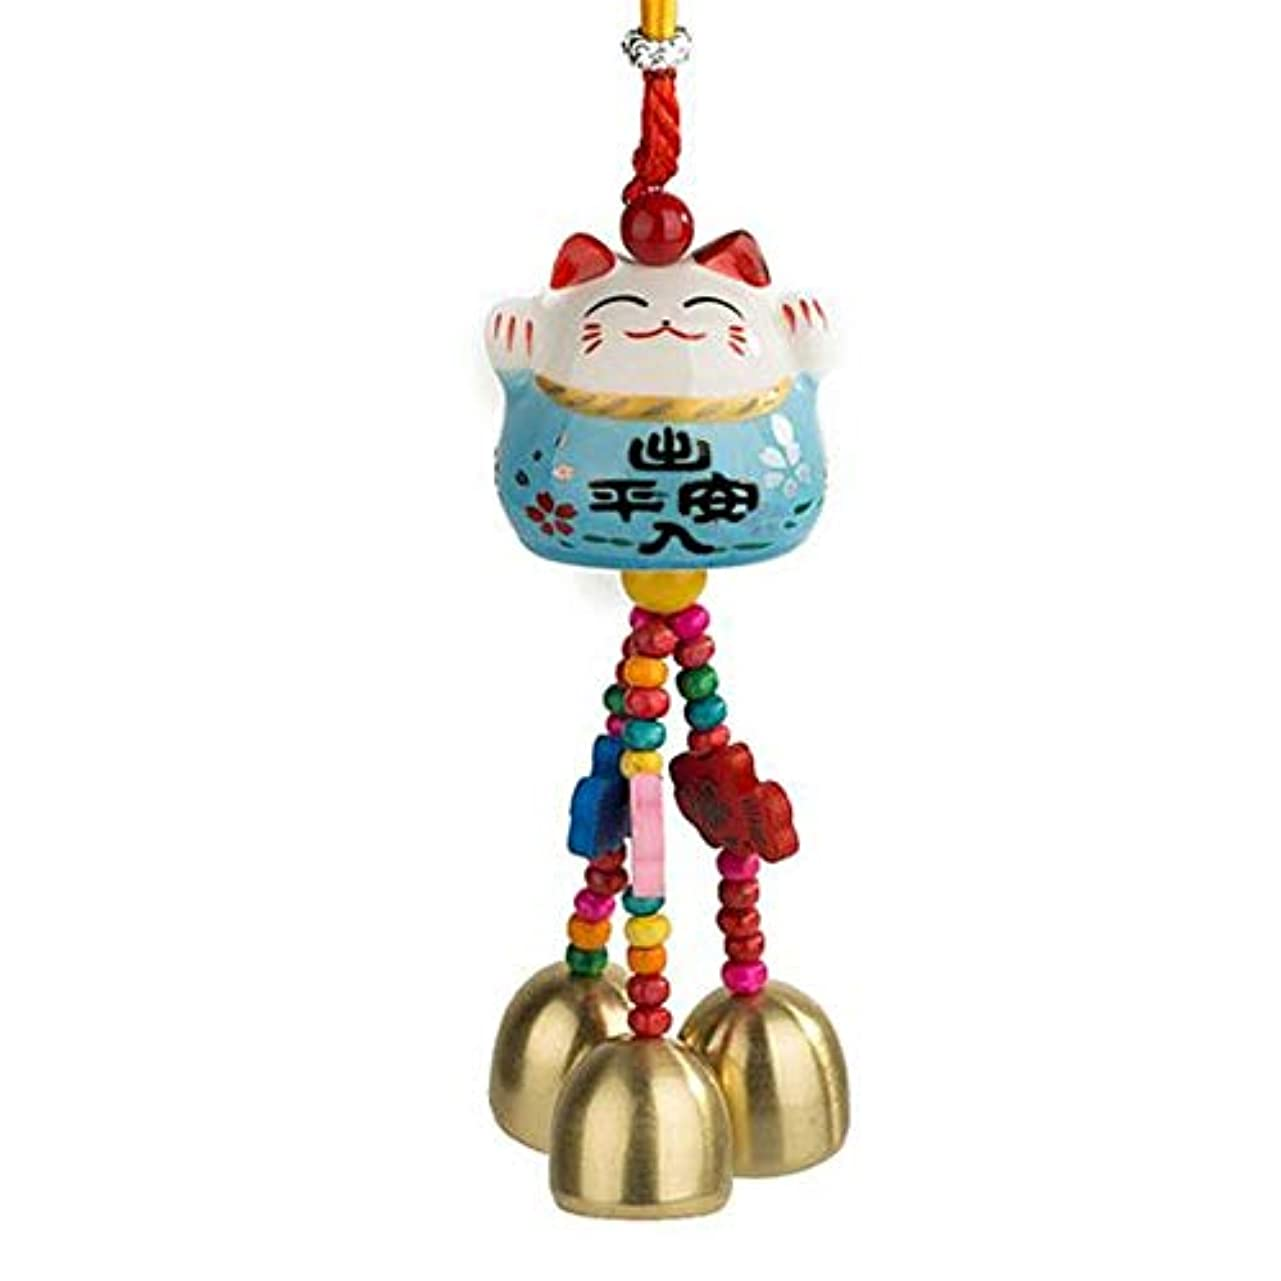 ぞっとするような定説男性Kaiyitong01 風チャイム、かわいいクリエイティブセラミック猫風の鐘、ブルー、ロング28センチメートル,絶妙なファッション (Color : Blue)